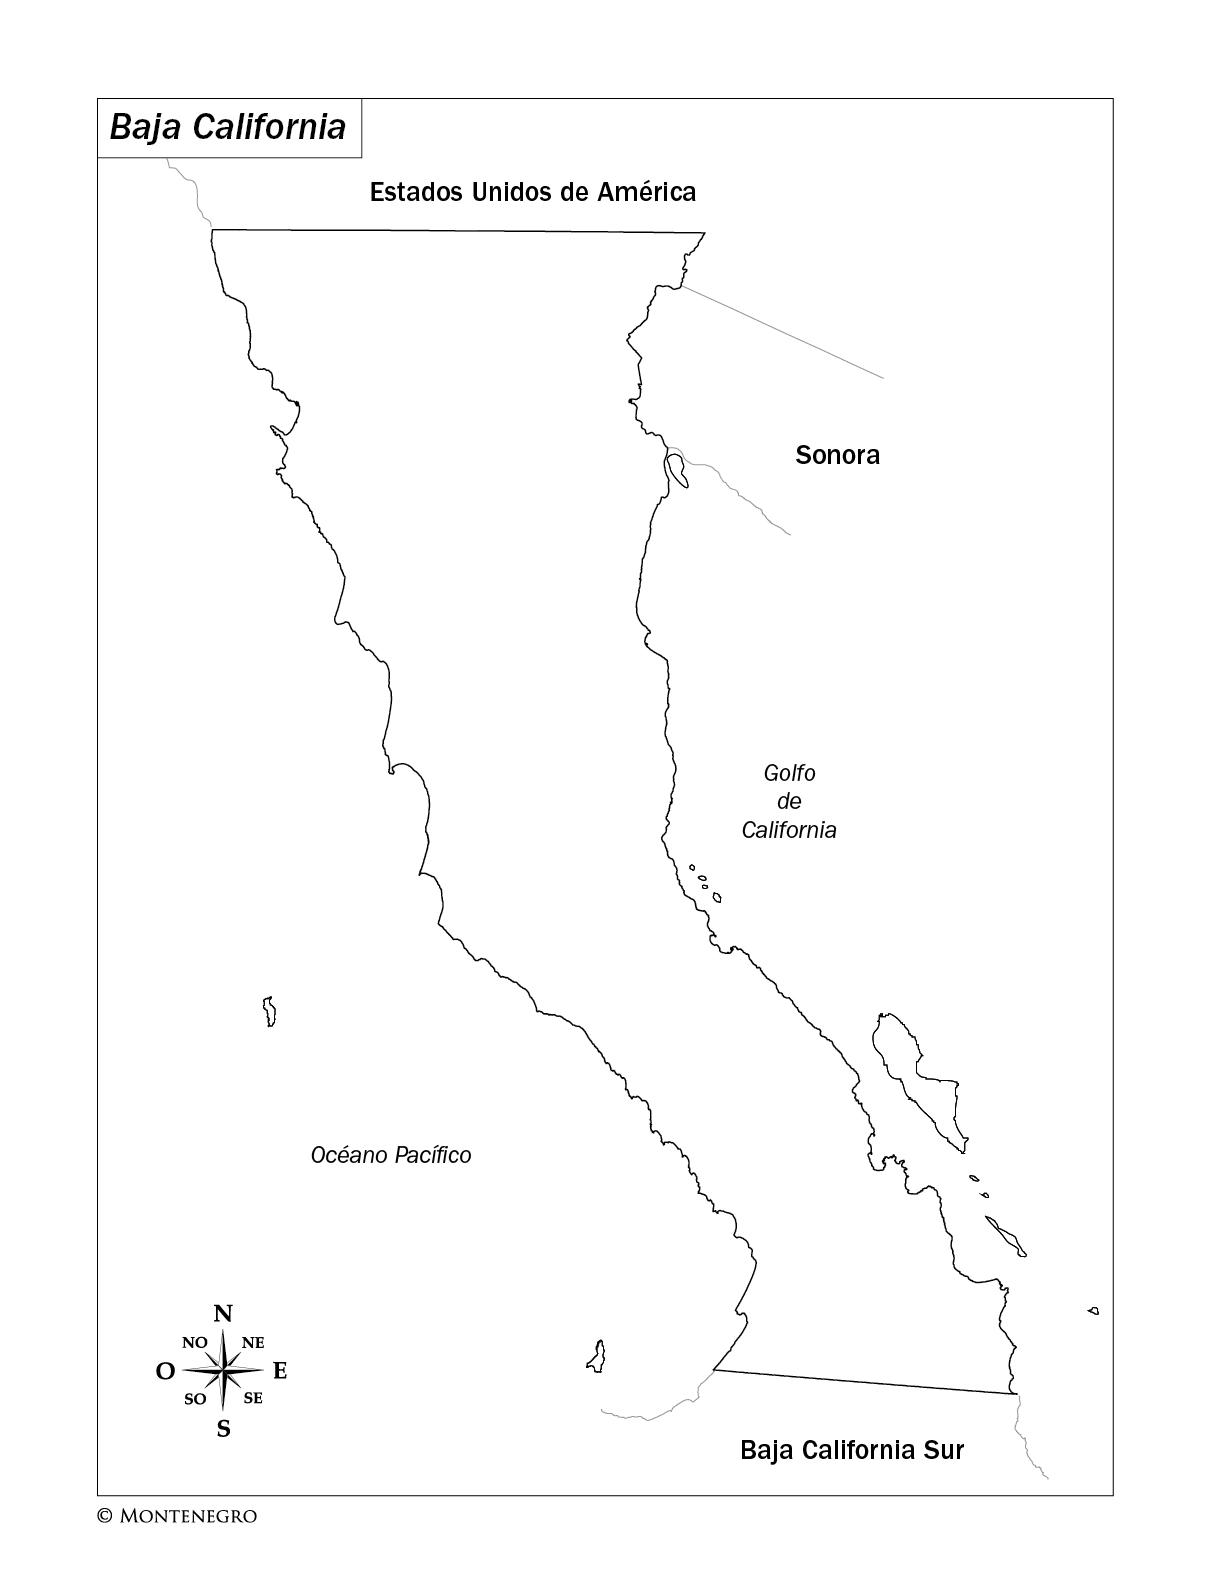 San Quintin Baja California Mexico | Wiring Diagram Database on baja 250 transmission diagram, baja 250 flywheel, baja doodle bug manual, baja scooter repair manual, baja 250 engine, baja 250 honda, baja 50 atv parts diagram, baja heat mini bike manual, baja 250 parts,